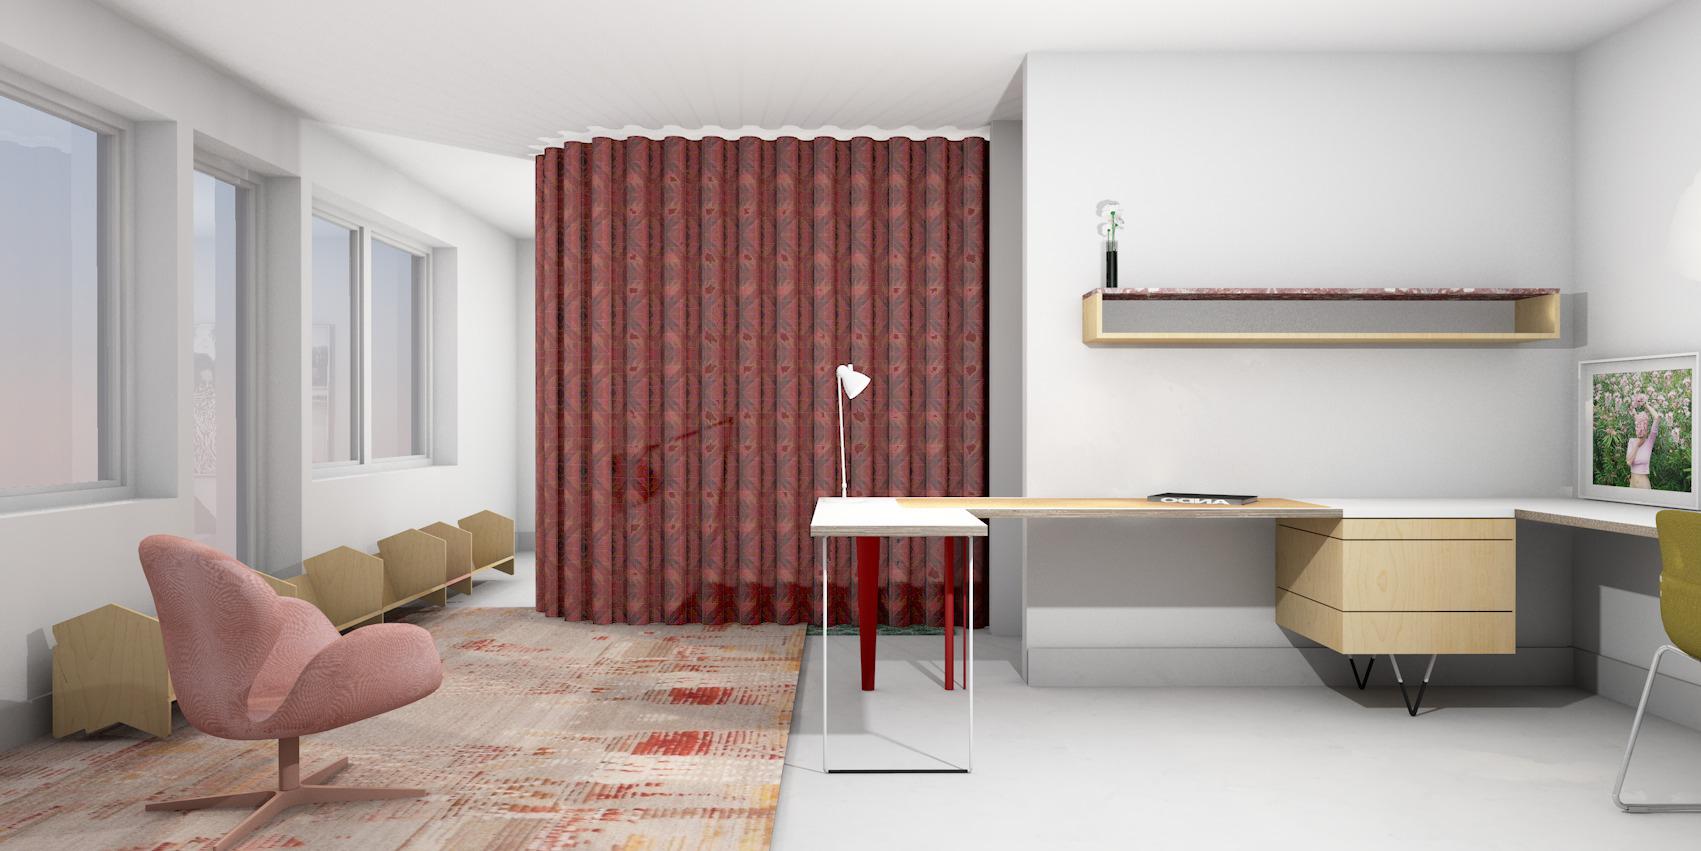 Conceptual rendering of curtain drop in bedroom